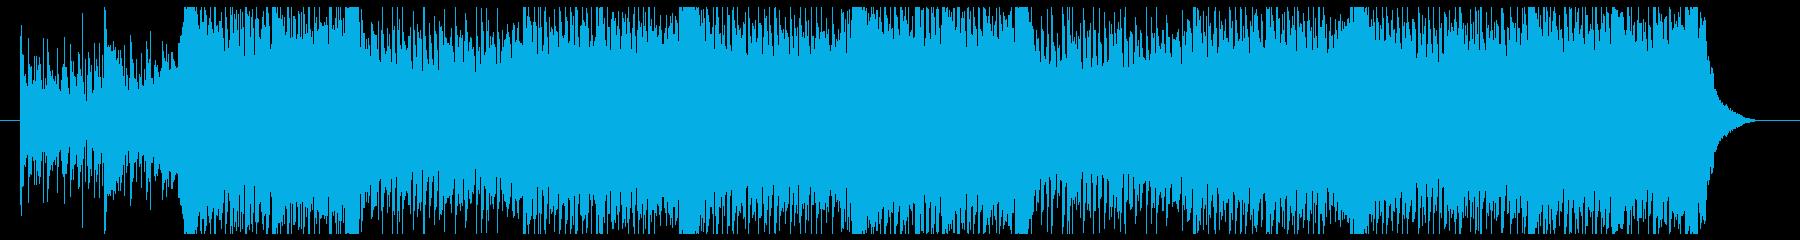 ちょっと激しめの4つ打ちポップス#2の再生済みの波形